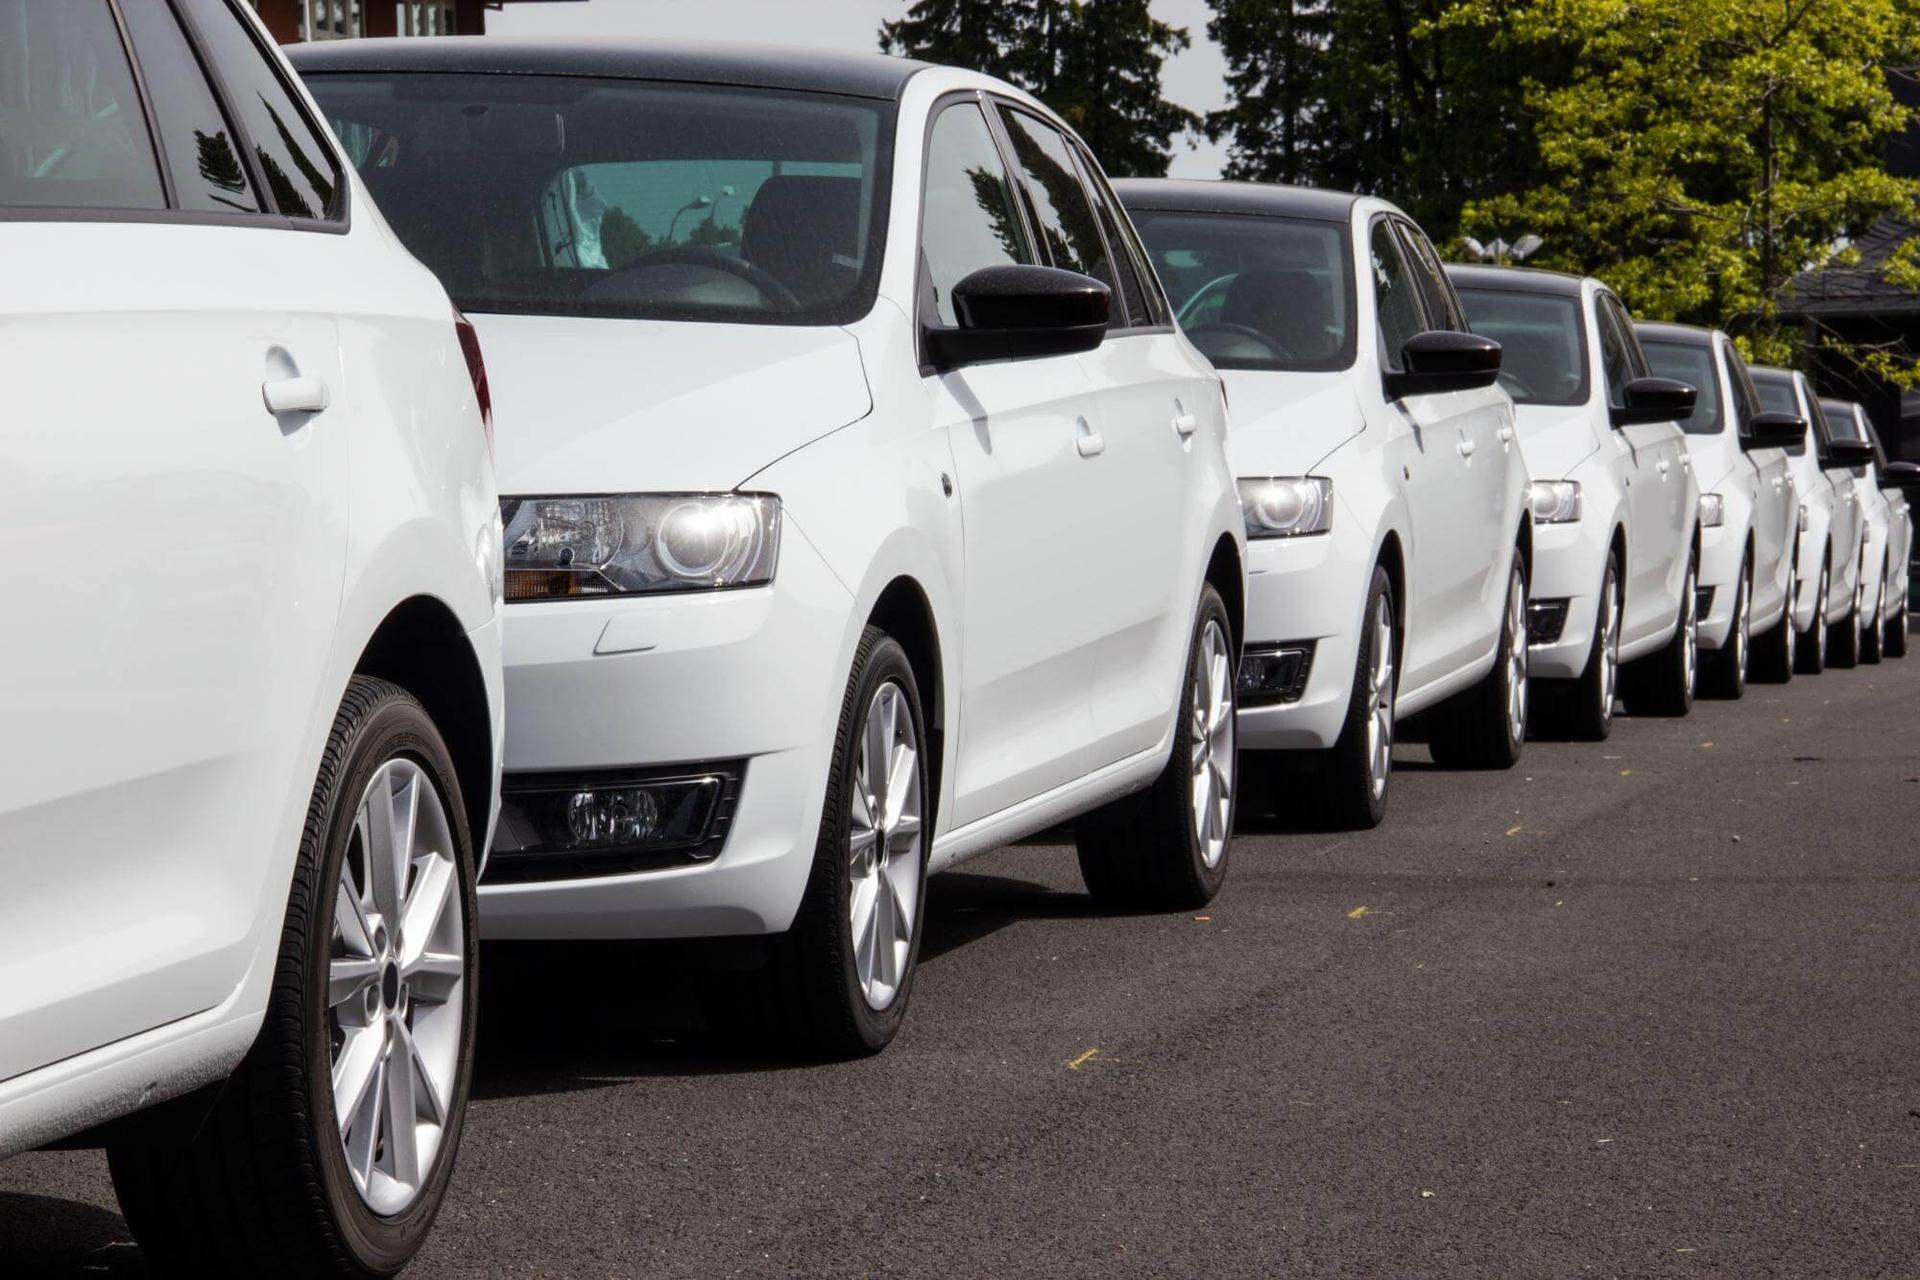 NÆSBY BILER - Ihr Großhandel für EU-Fahrzeuge Fahrzeuggroßhandel, EU-Neuwagen, Reimporte EU-Fahrzeuge seit 1995 - B2B